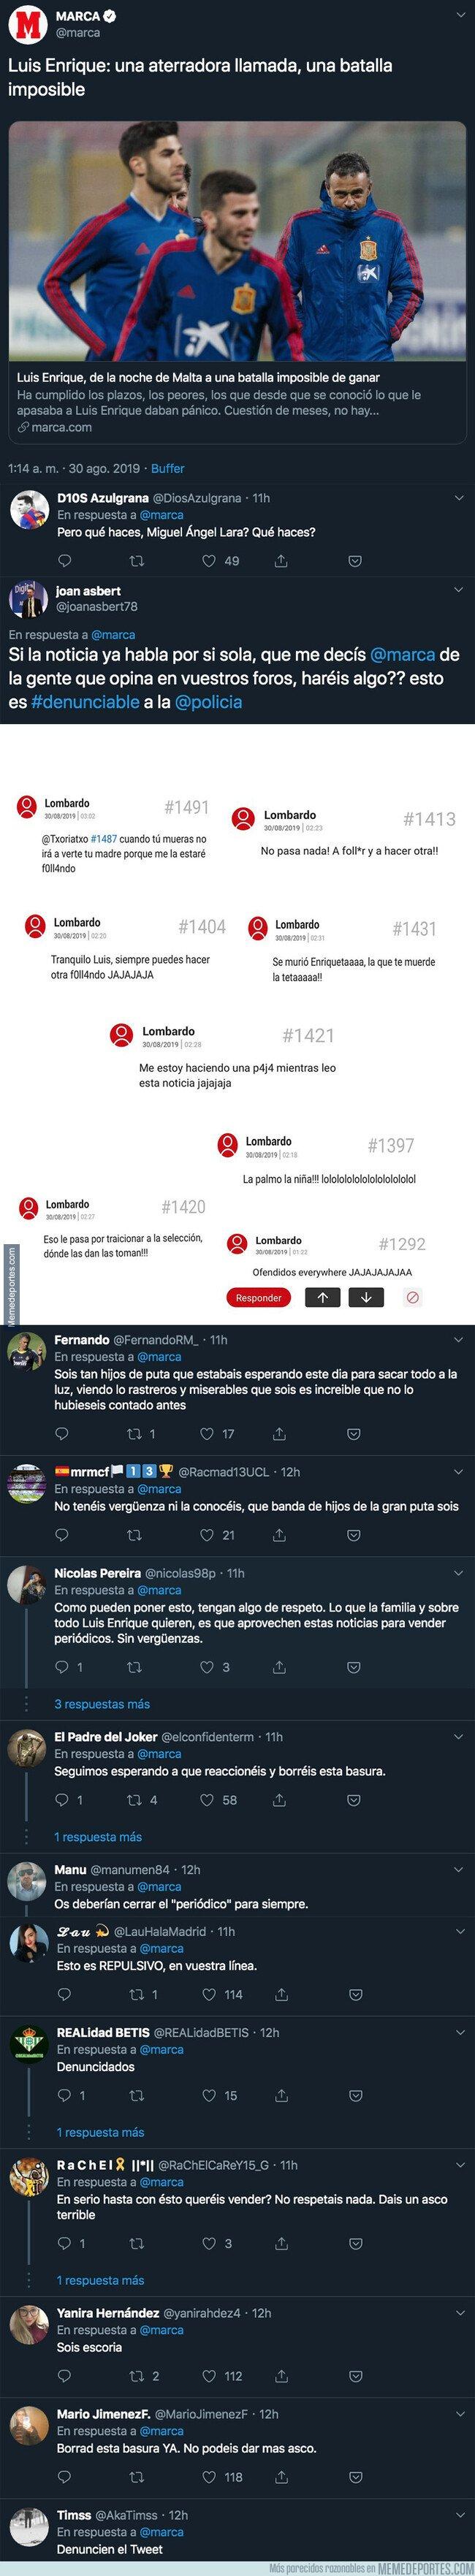 1084550 - El repugnante artículo de MARCA sobre Luis Enrique que está llenando de insultos su foro y de indignación a la gente